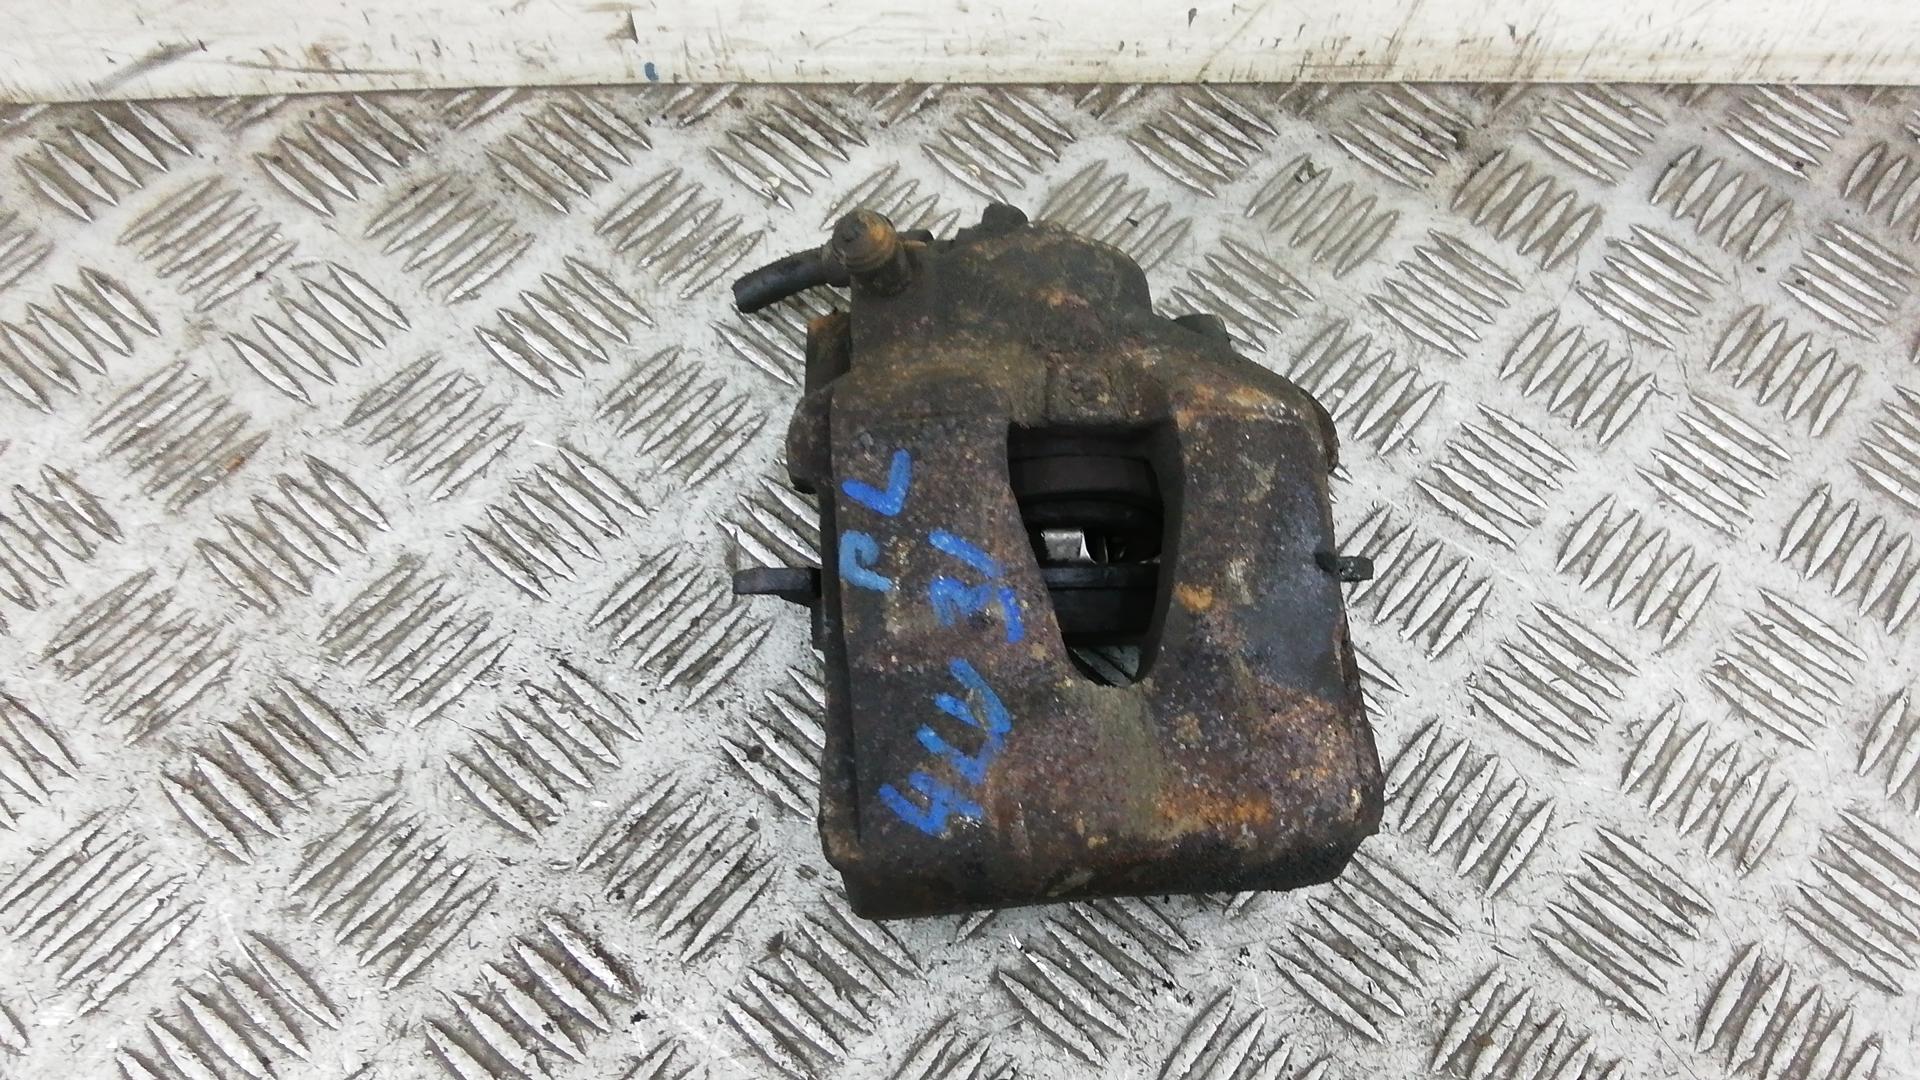 Суппорт тормозной передний левый, VOLKSWAGEN, GOLF 5, 2005